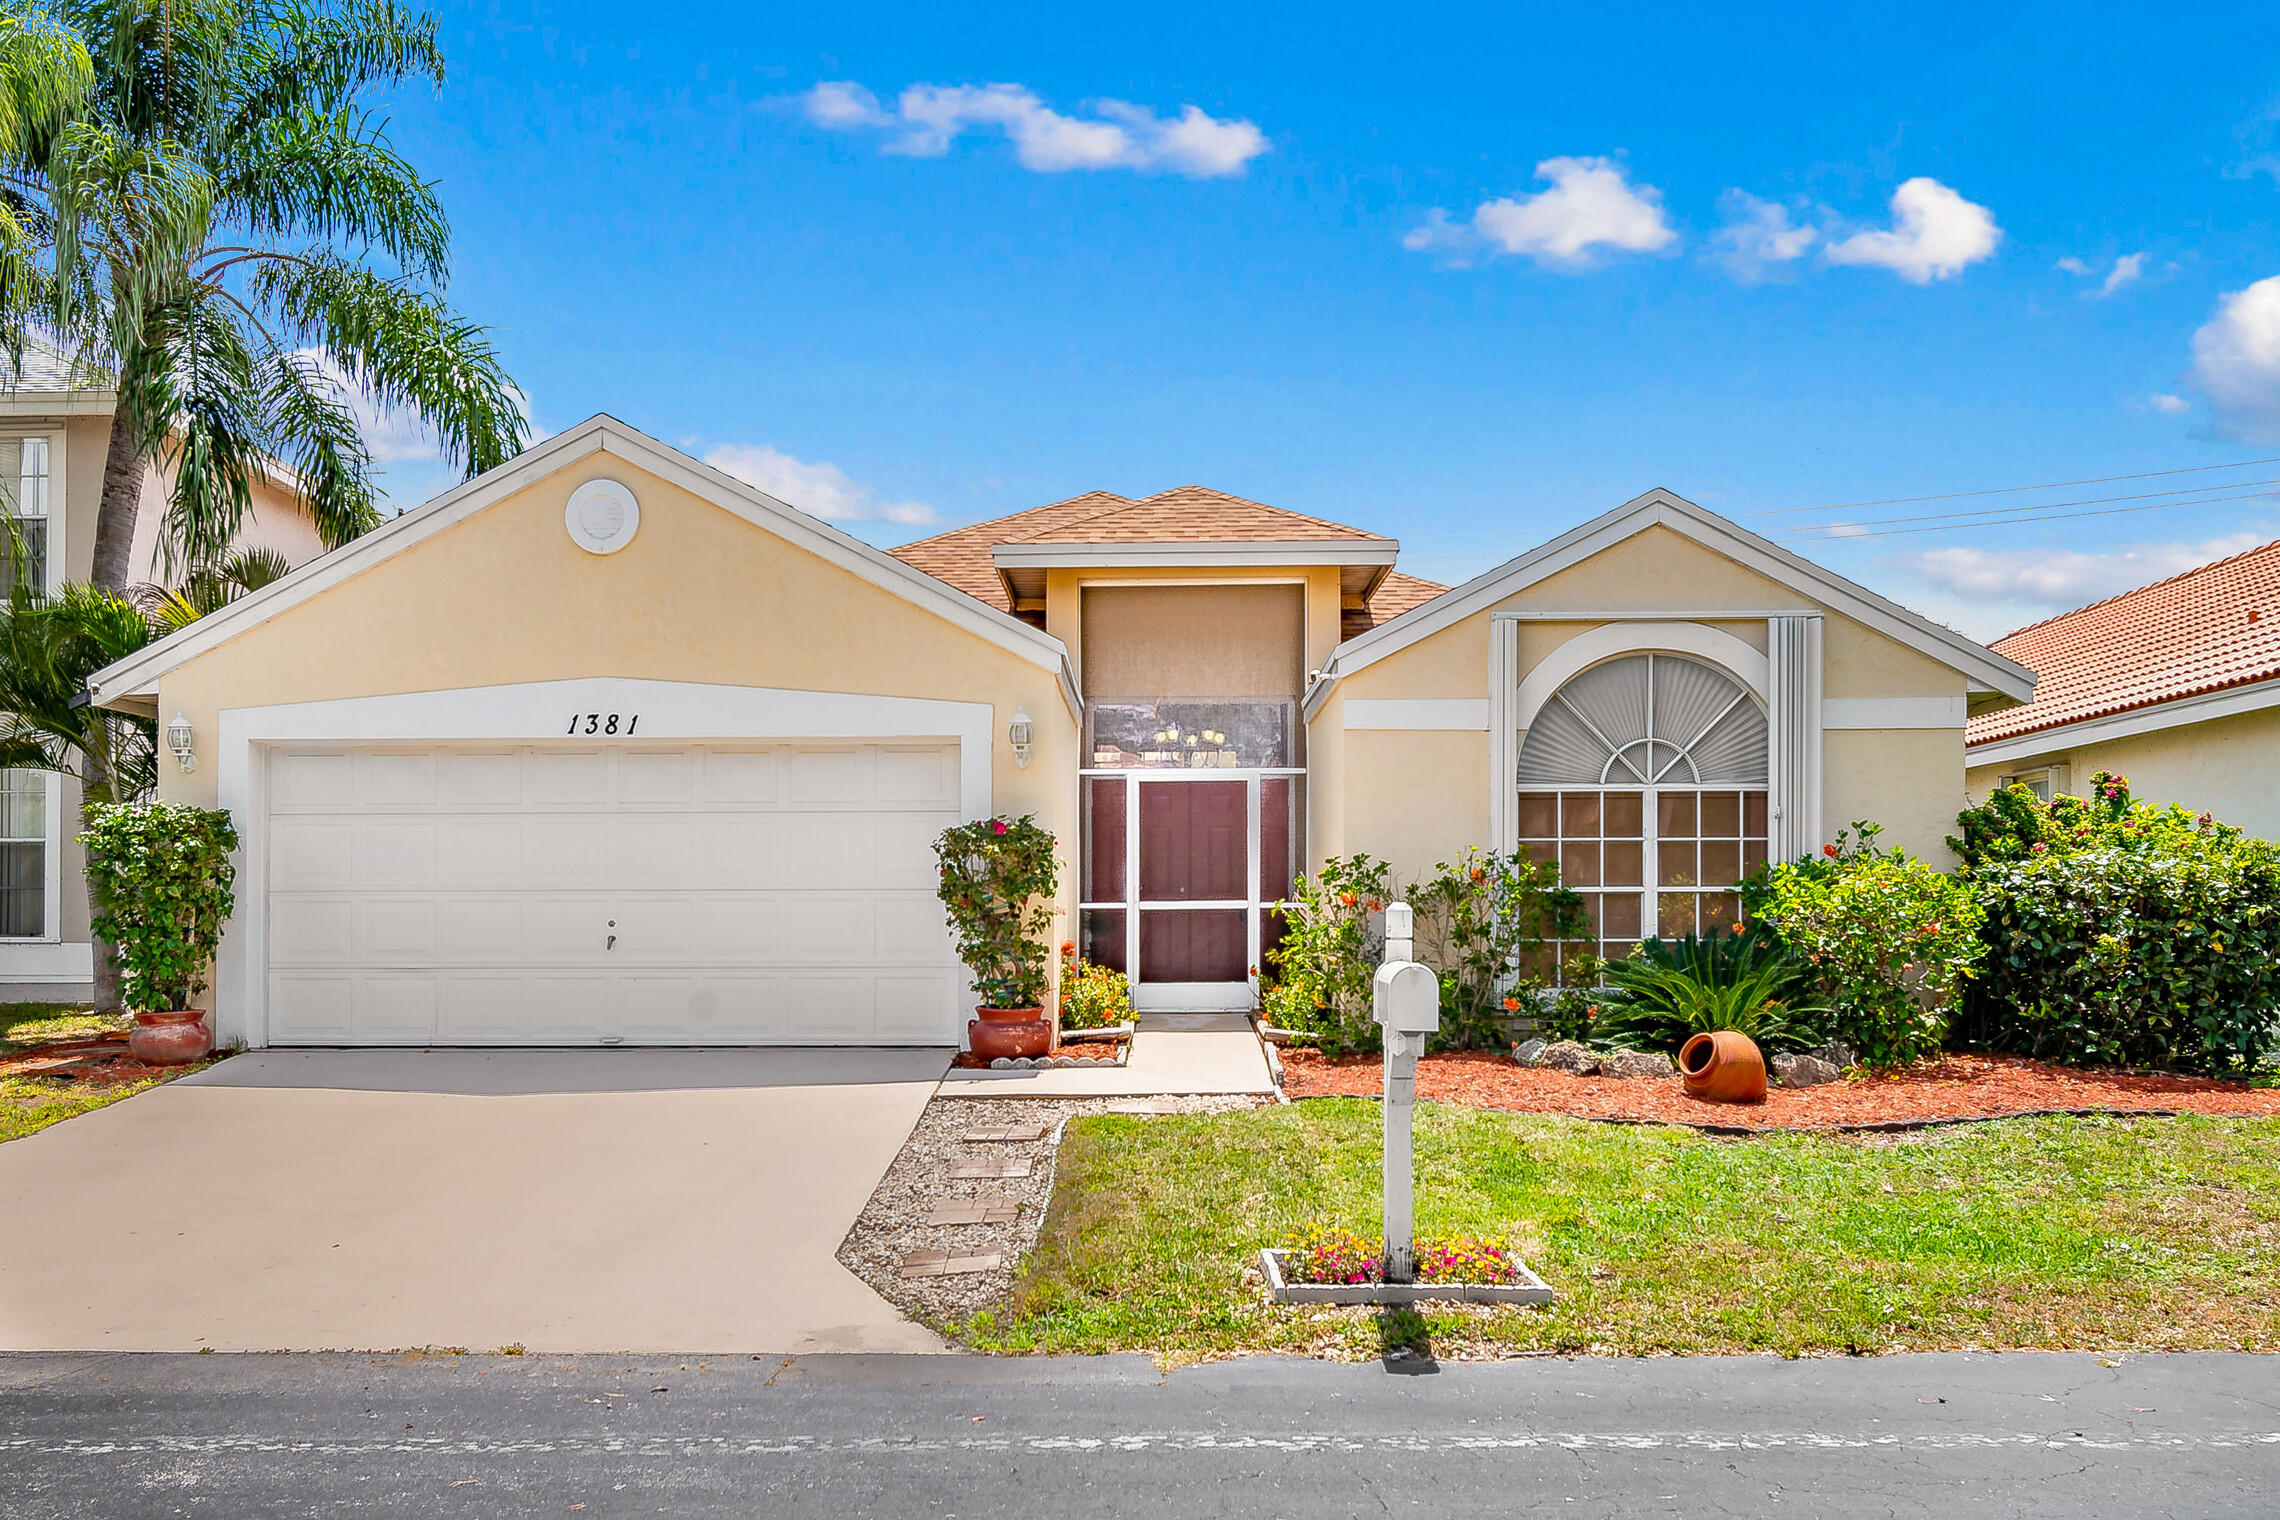 1381  Fairfax Circle  For Sale 10720640, FL